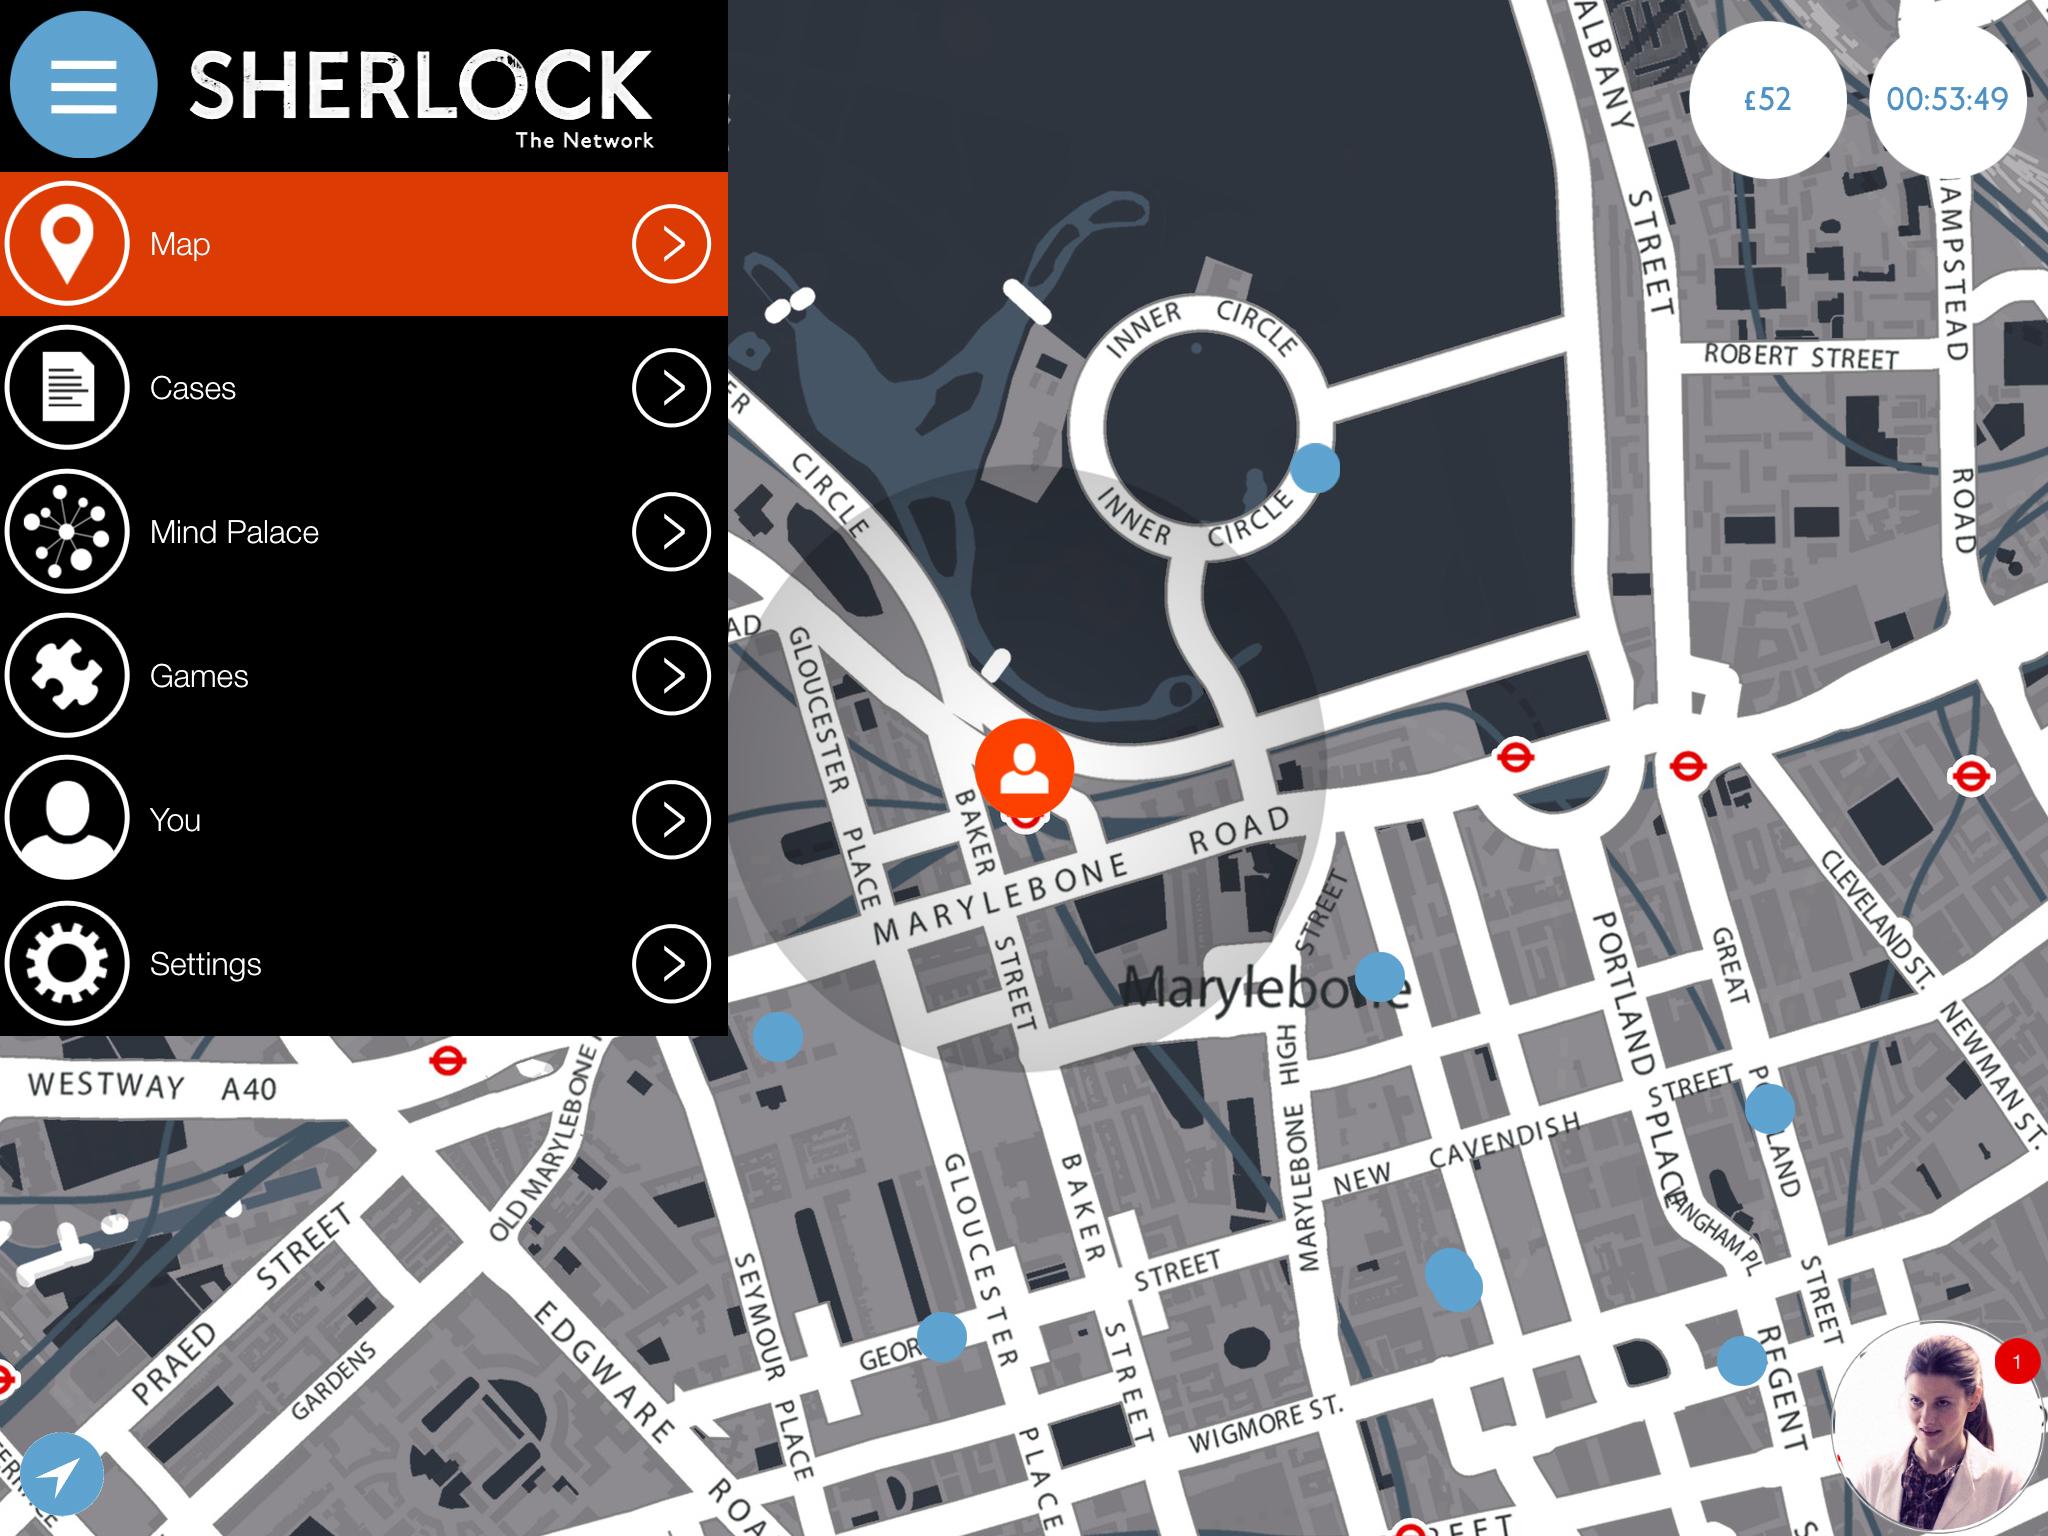 SHERLOCKAPP_iPad_menu